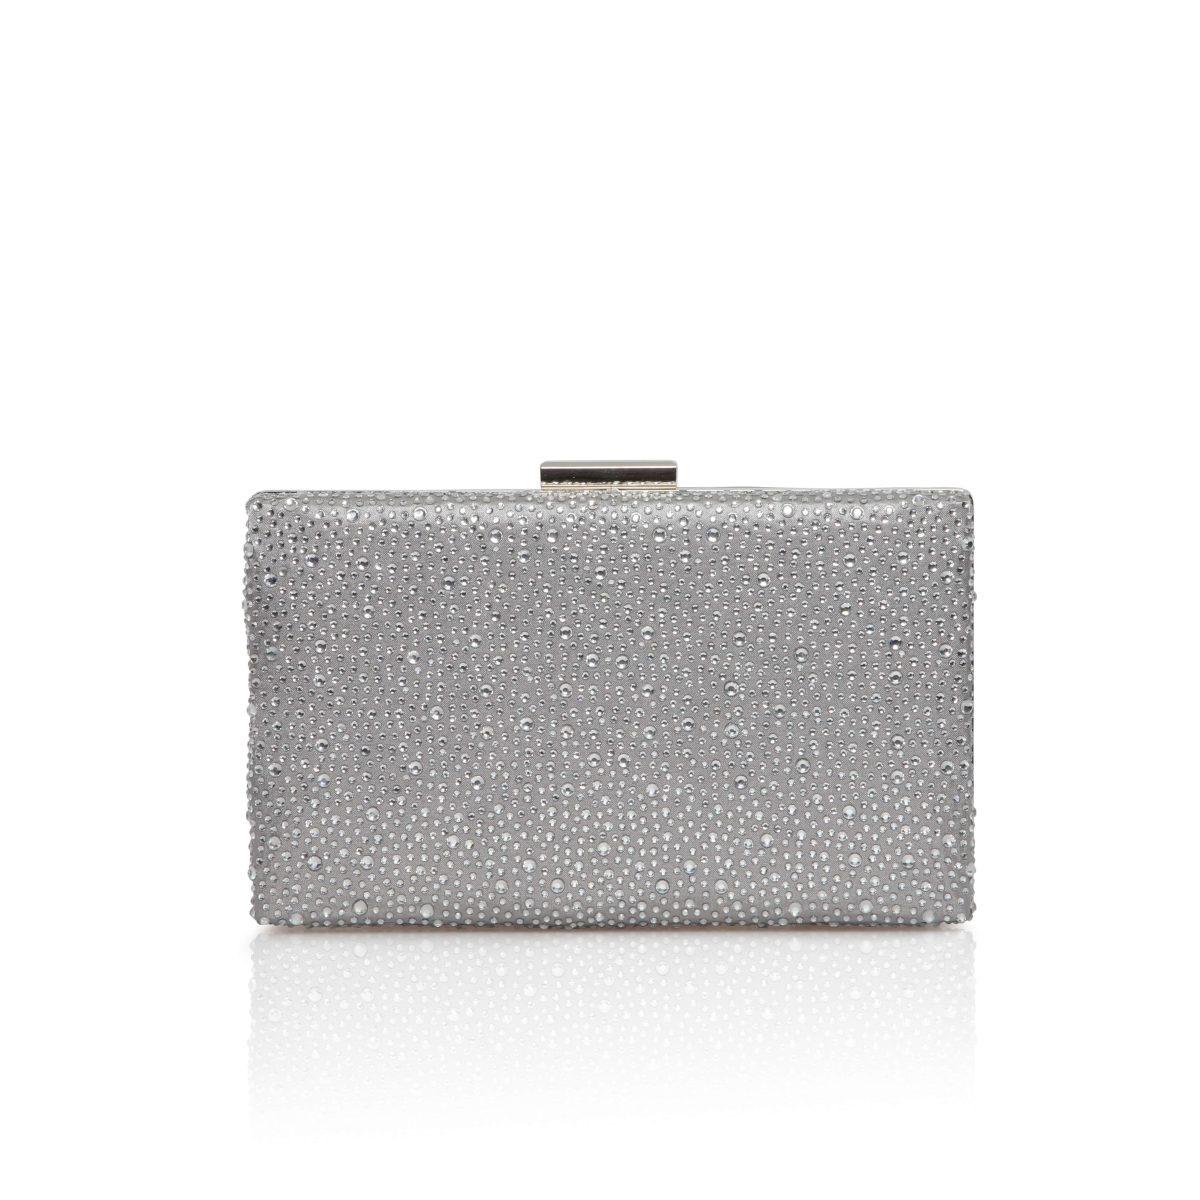 Perfect Bridal Sorrel Bridal Bag - Silver 1